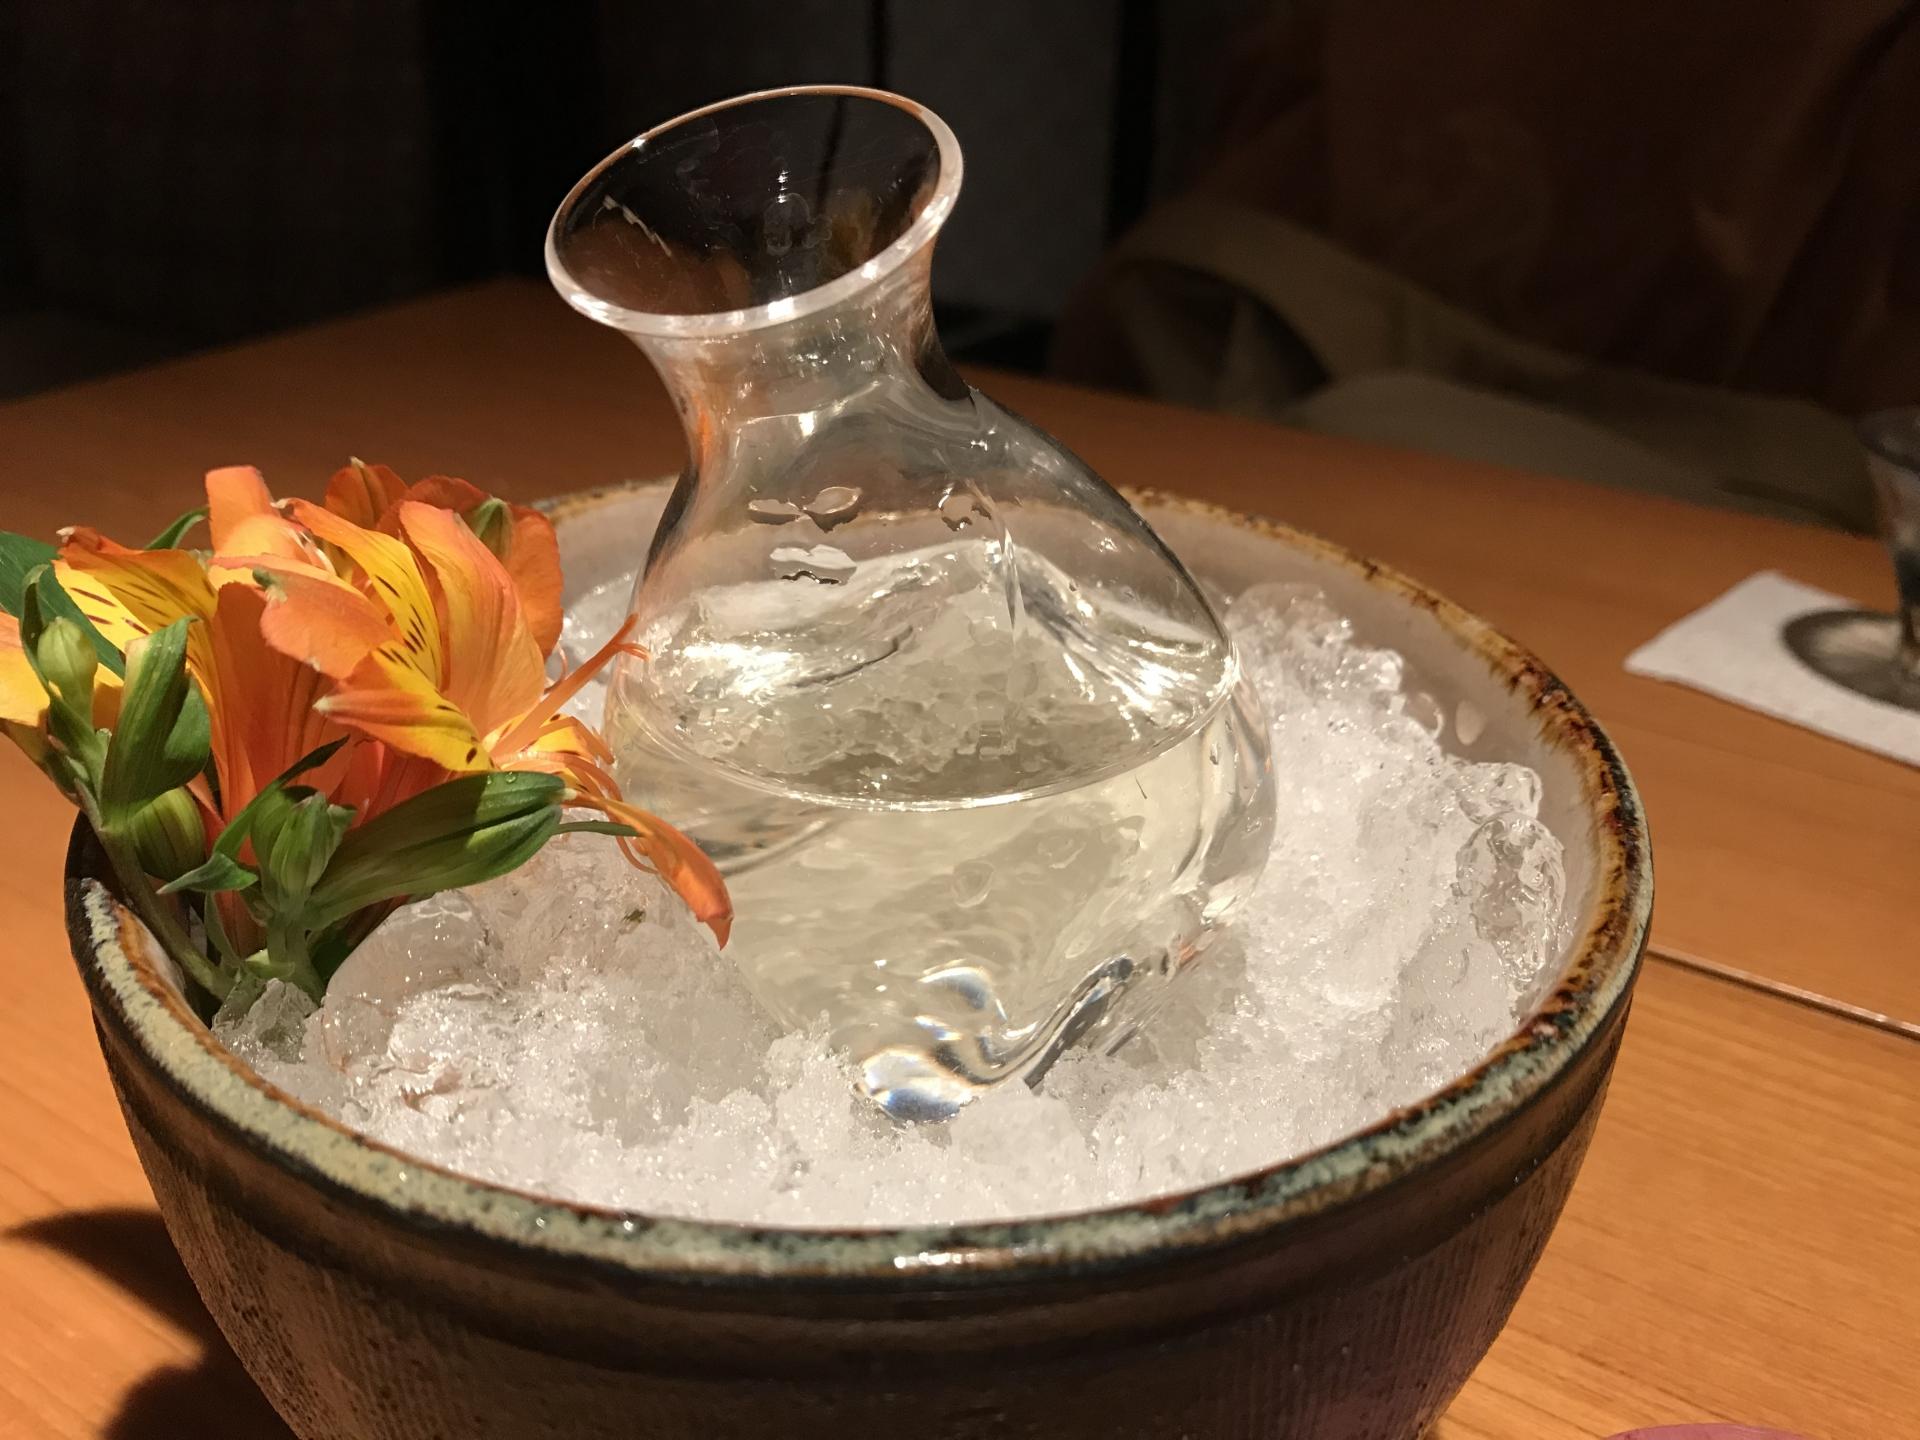 冷酒におすすめの日本酒ランキングTOP21!美味しい飲み方や作り方は?